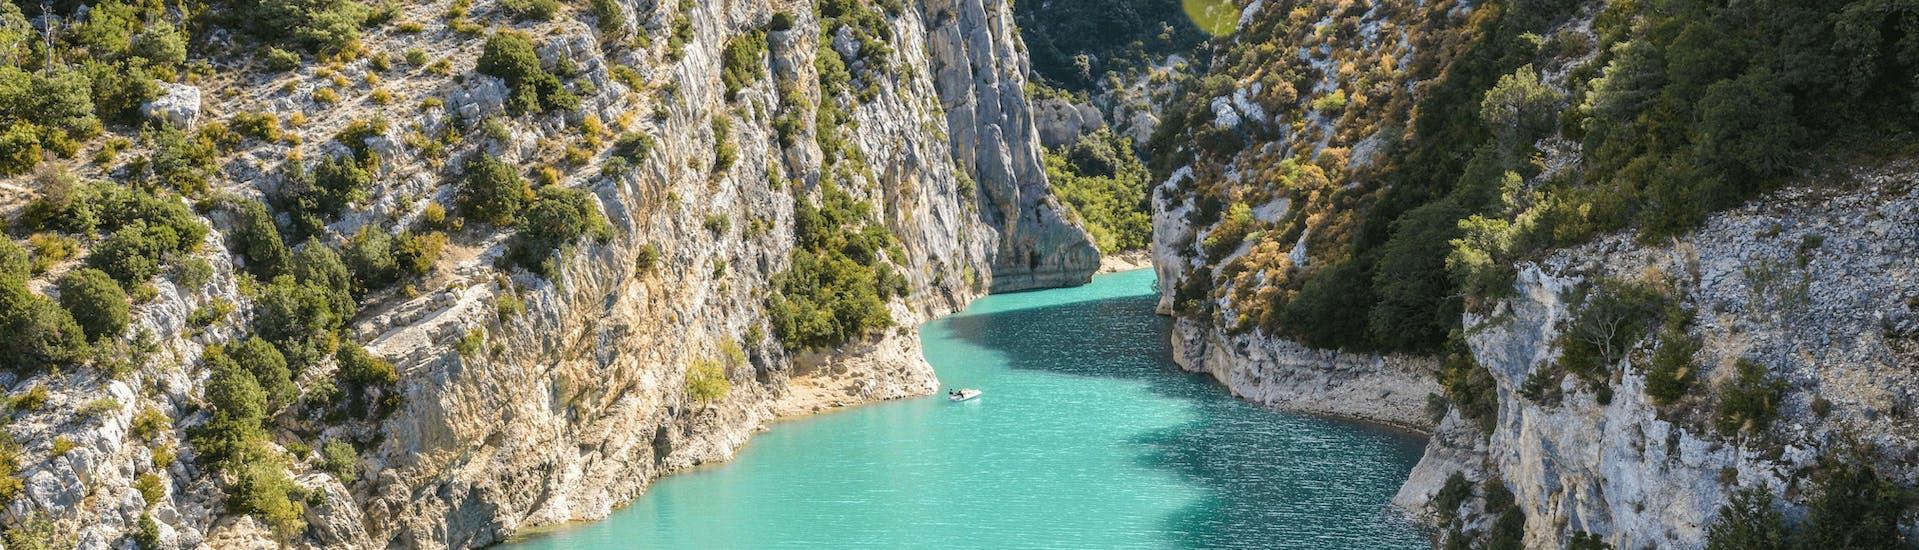 Vue magnifique des gorges du Verdon et de ses eaux émeraude où Yeti Rafting organise des descentes en rafting pour les familles l'automne.